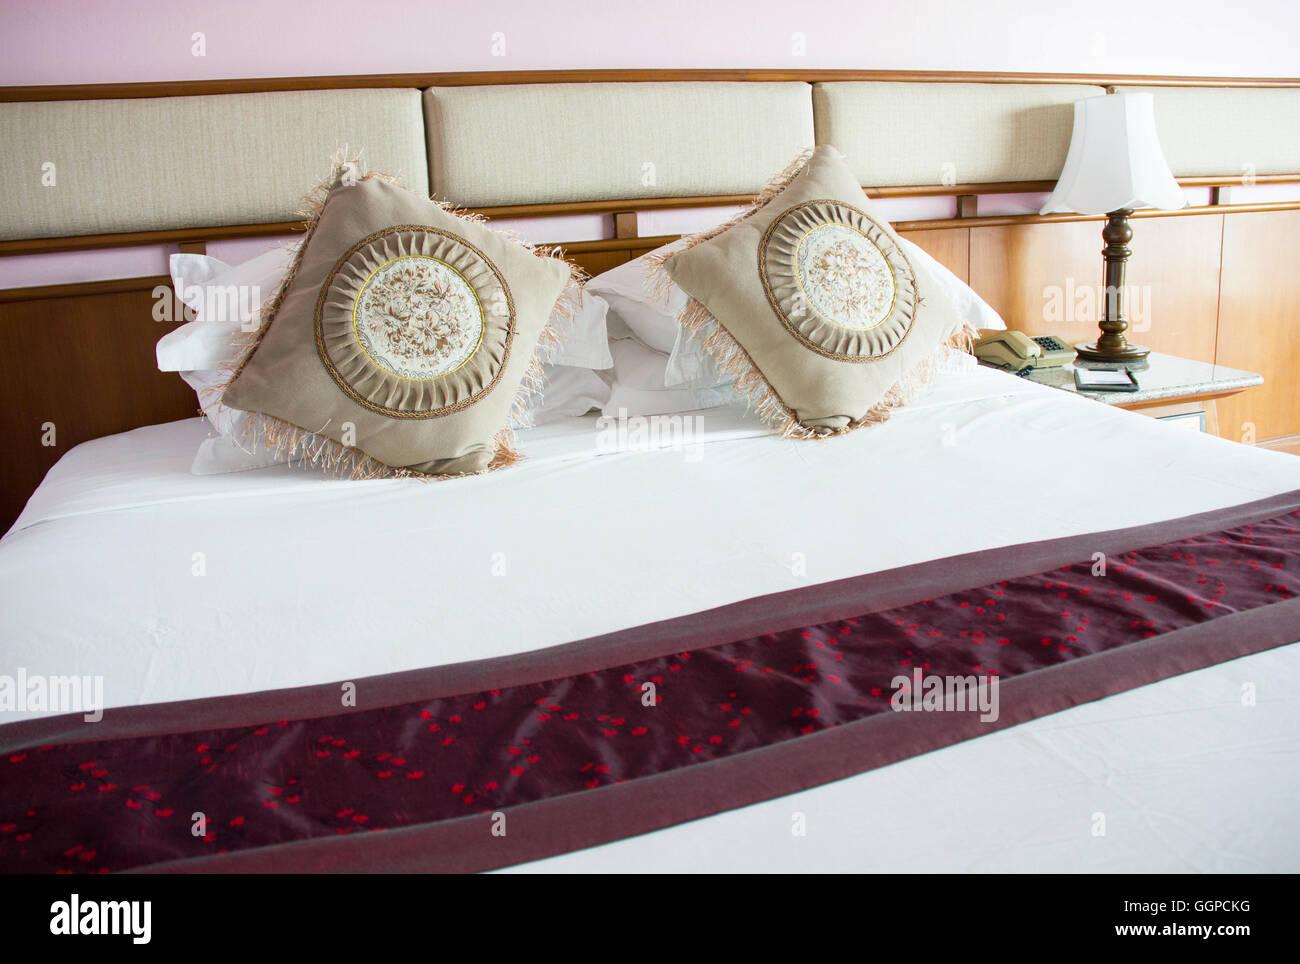 Camere Da Letto Stile Orientale : Pulire vintage stile orientale double bed size nella camera da